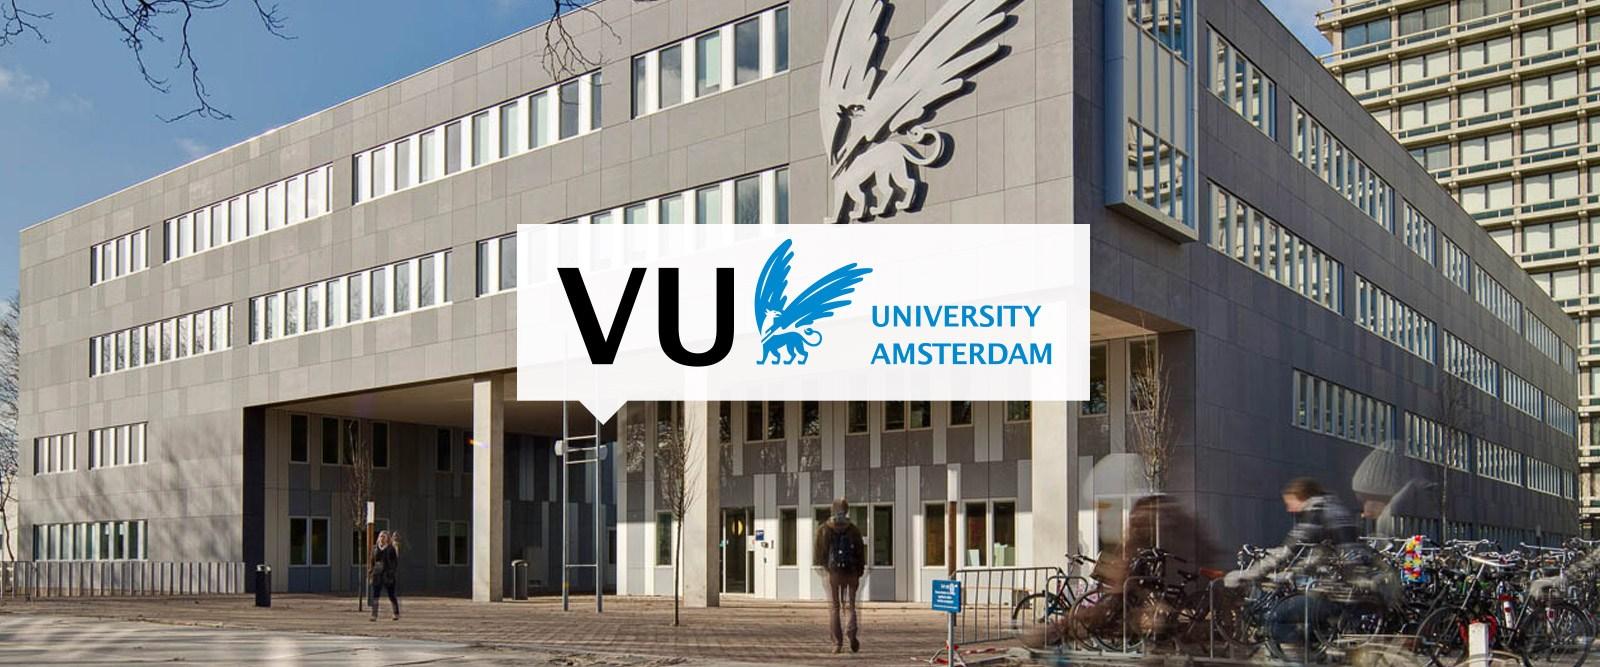 Học bổng bậc thạc sĩ đại học VU Amsterdam